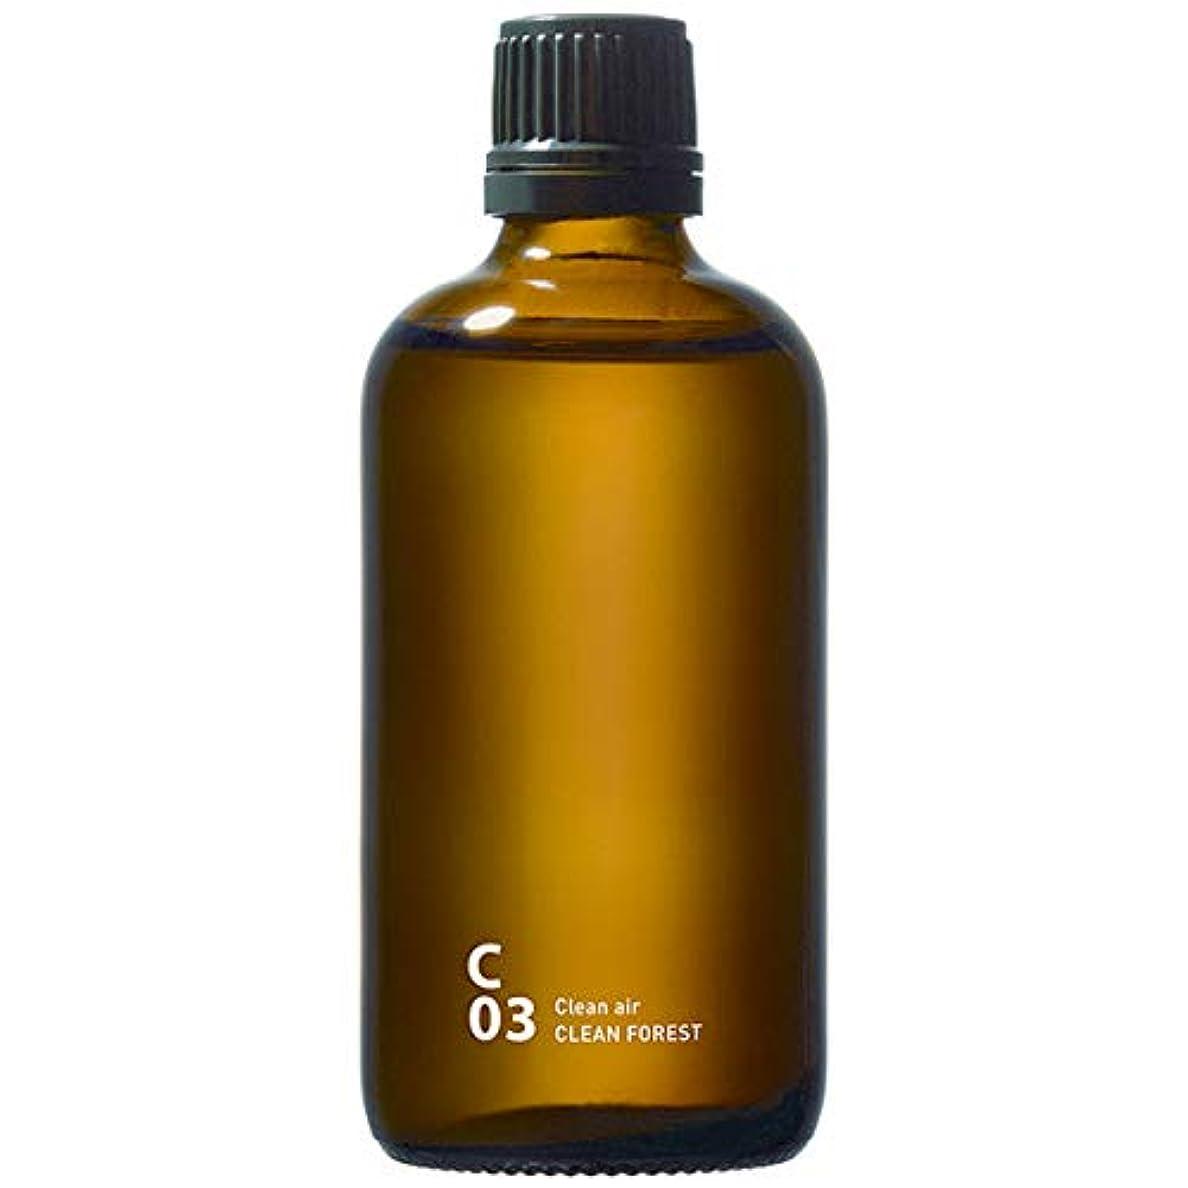 検索エンジン最適化解釈する対応C03 CLEAN FOREST piezo aroma oil 100ml